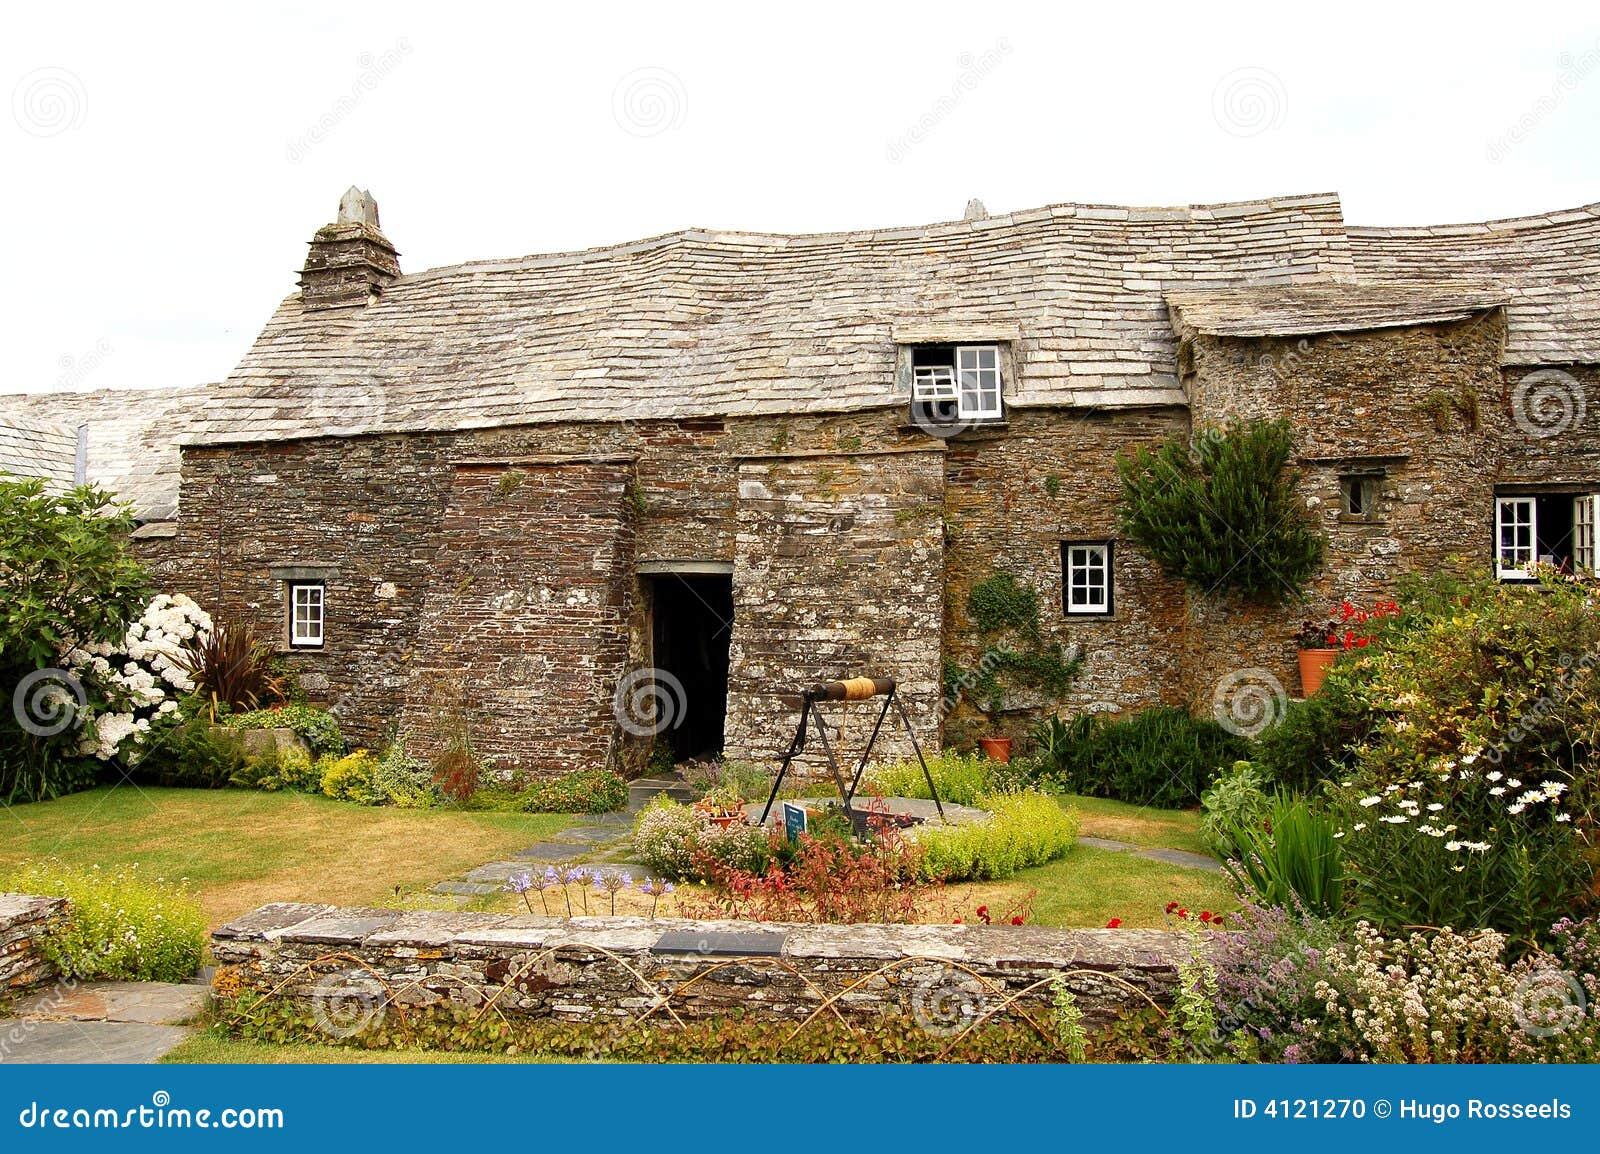 Casa medieval de inglaterra en foto de archivo imagen - Inglaterra en casa ...